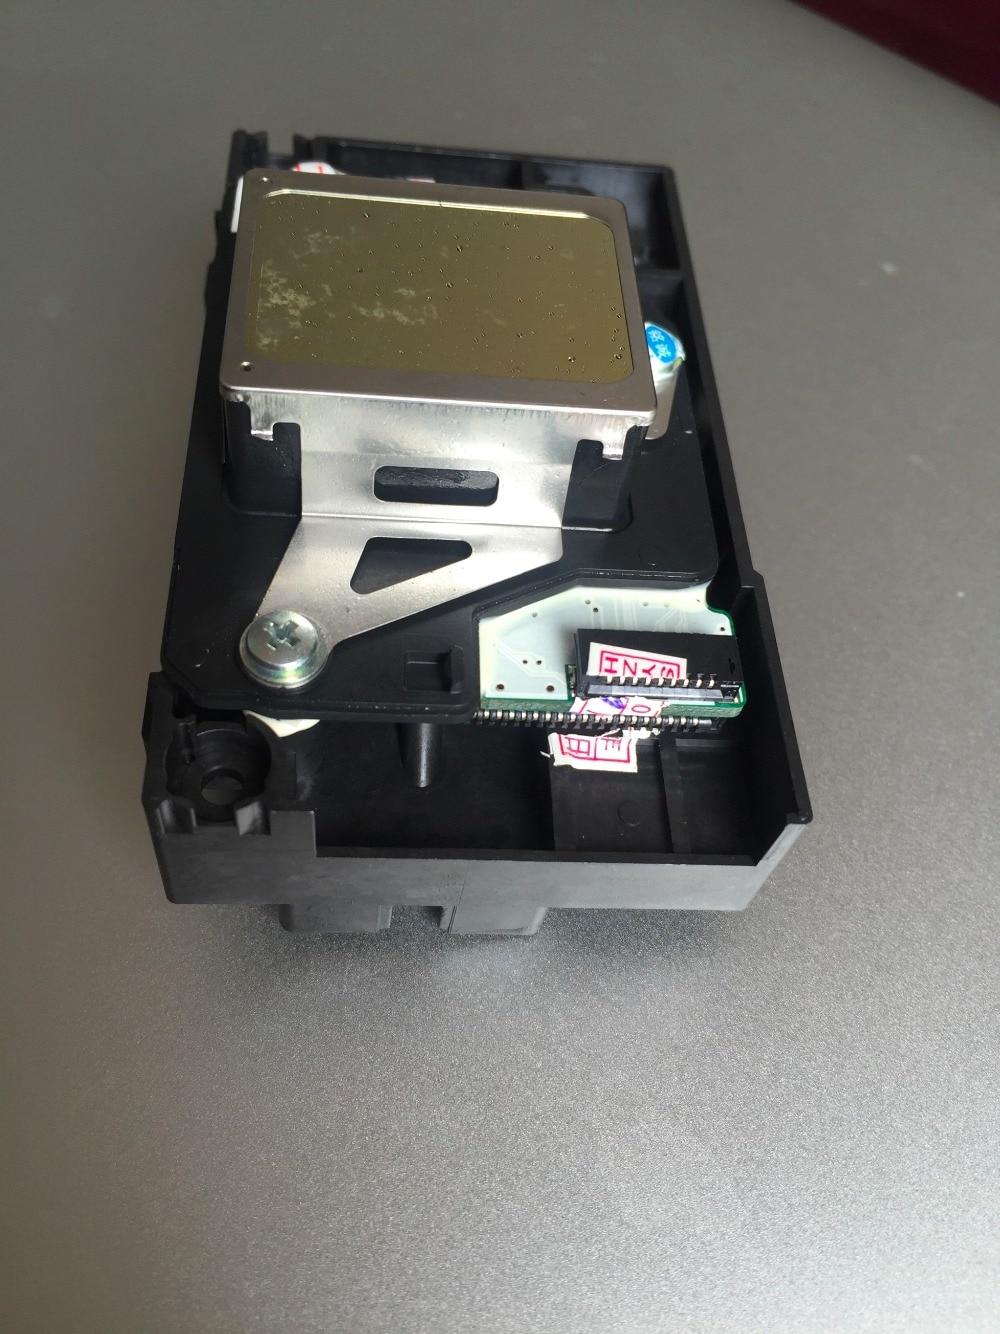 Printhead F173050 Print Head For Epson Photo 1390 1400 1410 1430 R260 R265 R270 R330 R360 R380 R390 R1390 A820 A920 refurbished print head for epson photo 1400 1390 pm850